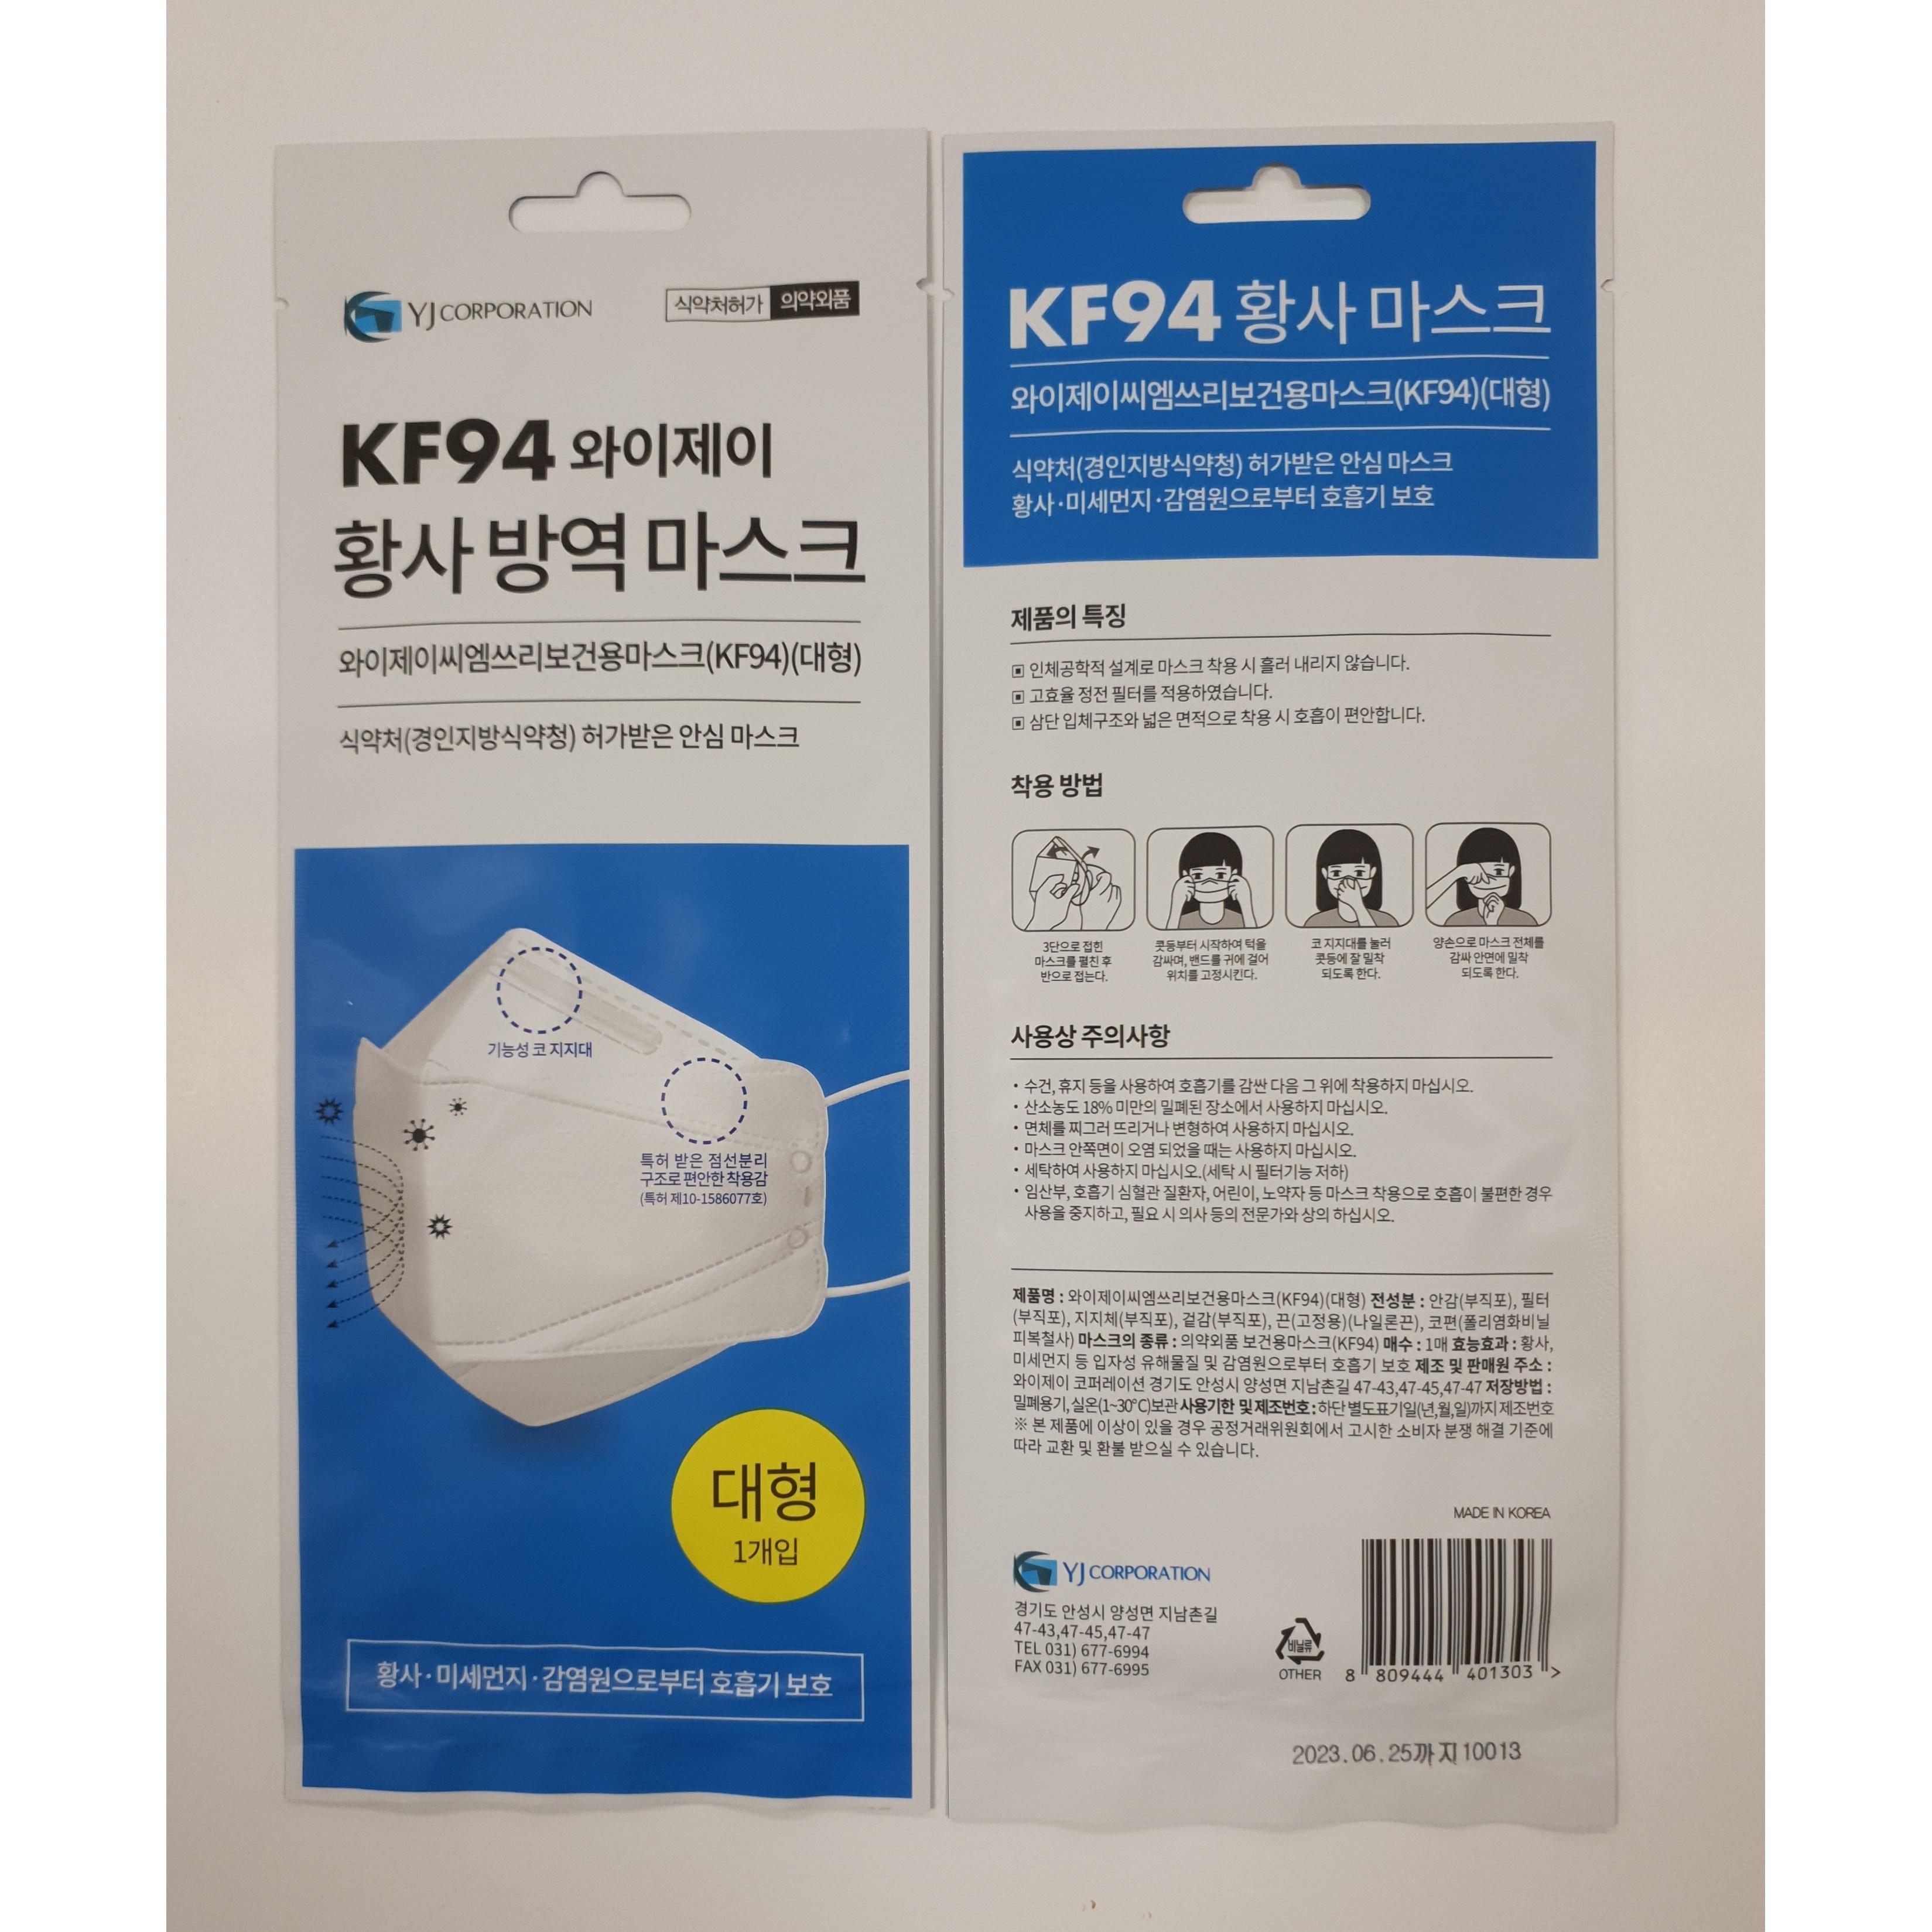 와이제이씨 엠쓰리 보건용 마스크 10매 50매 100매 kf94 대형 숨쉬기편한 마스크 넉넉한사이즈